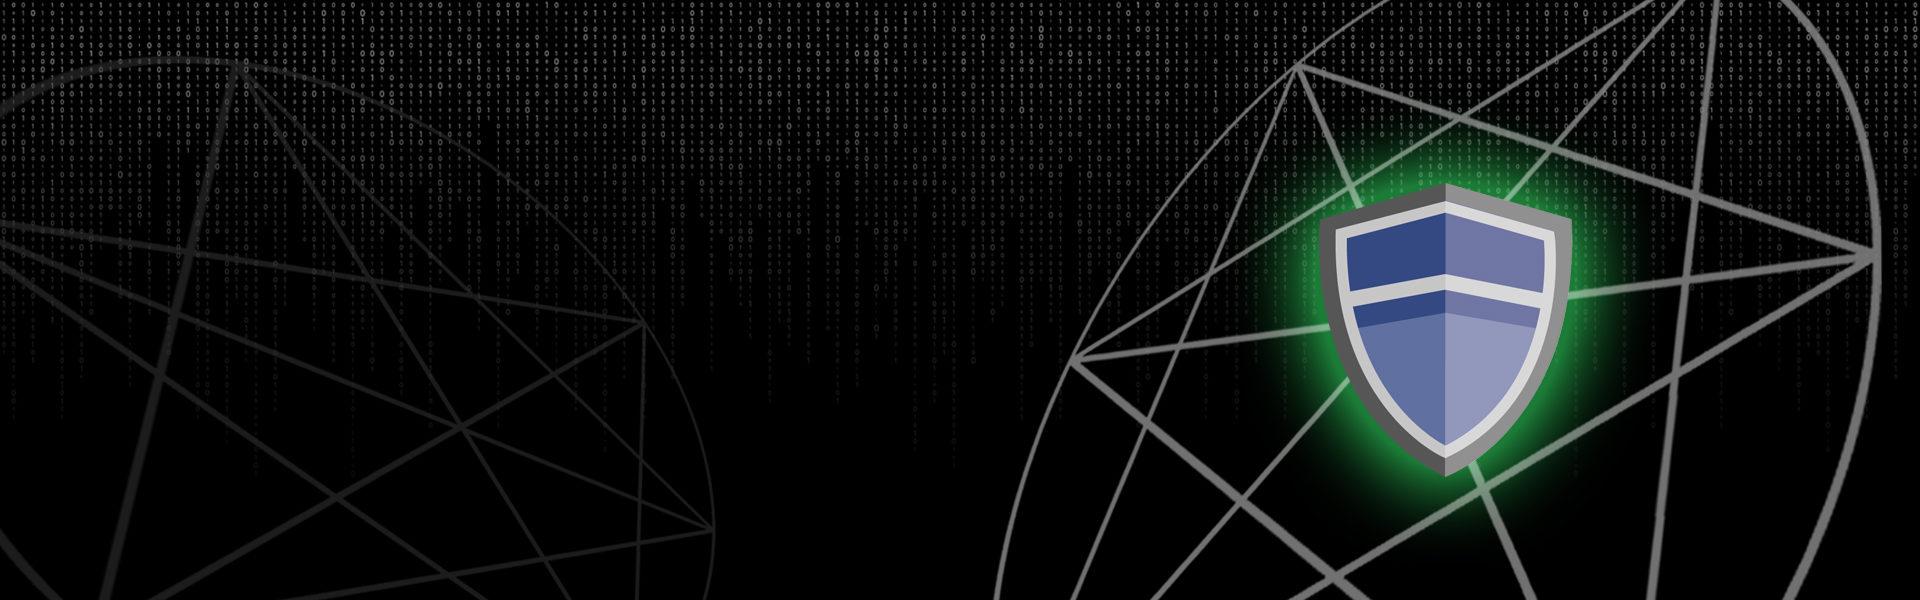 G&D MatrixGuard: maximale Sicherheit in einem KVM Matrix-Grid™